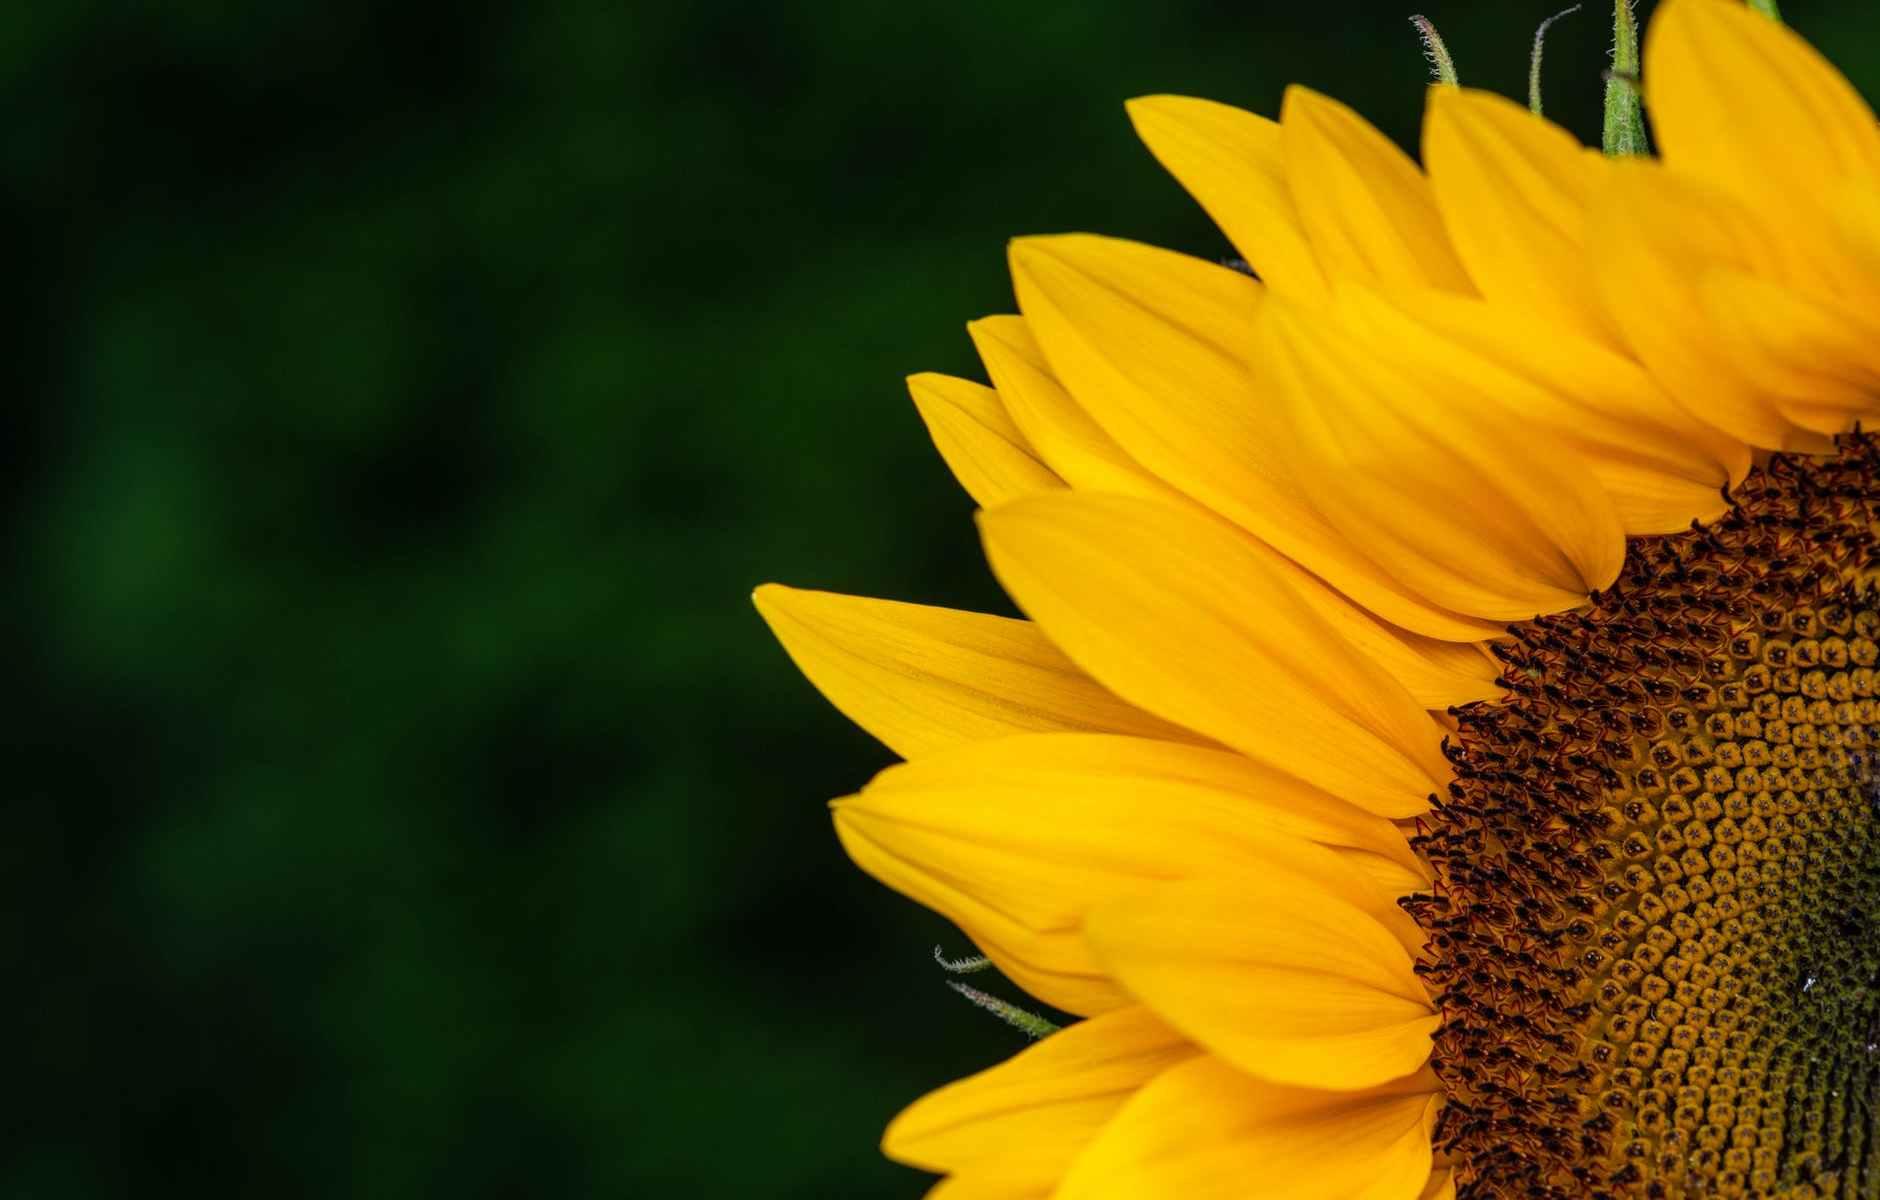 bright yellow sunflower against dark green background